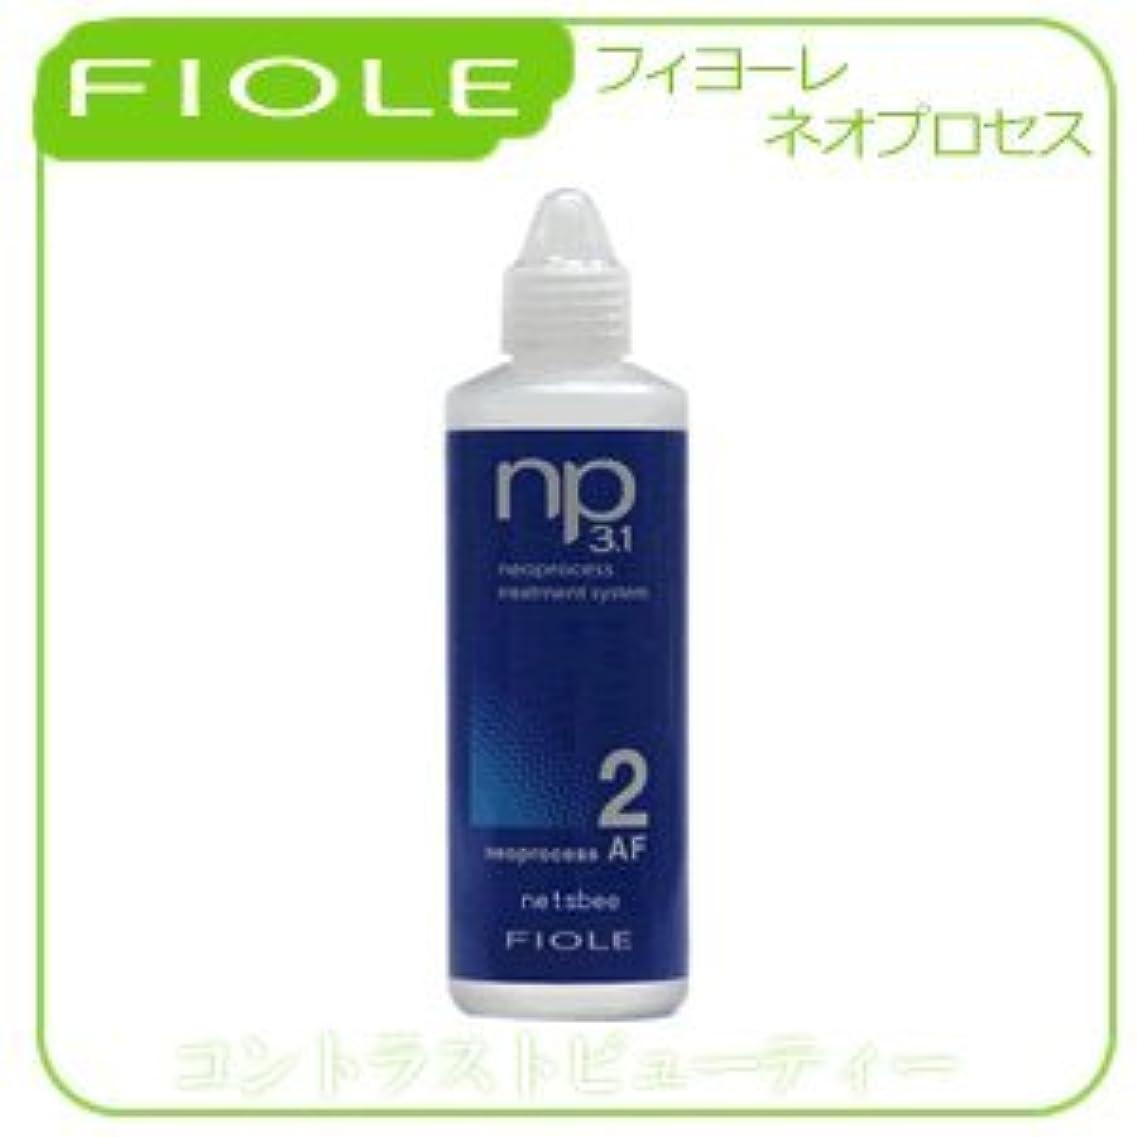 ソケットフェード名門【X4個セット】 フィヨーレ NP3.1 ネオプロセス AF2 130ml FIOLE ネオプロセス